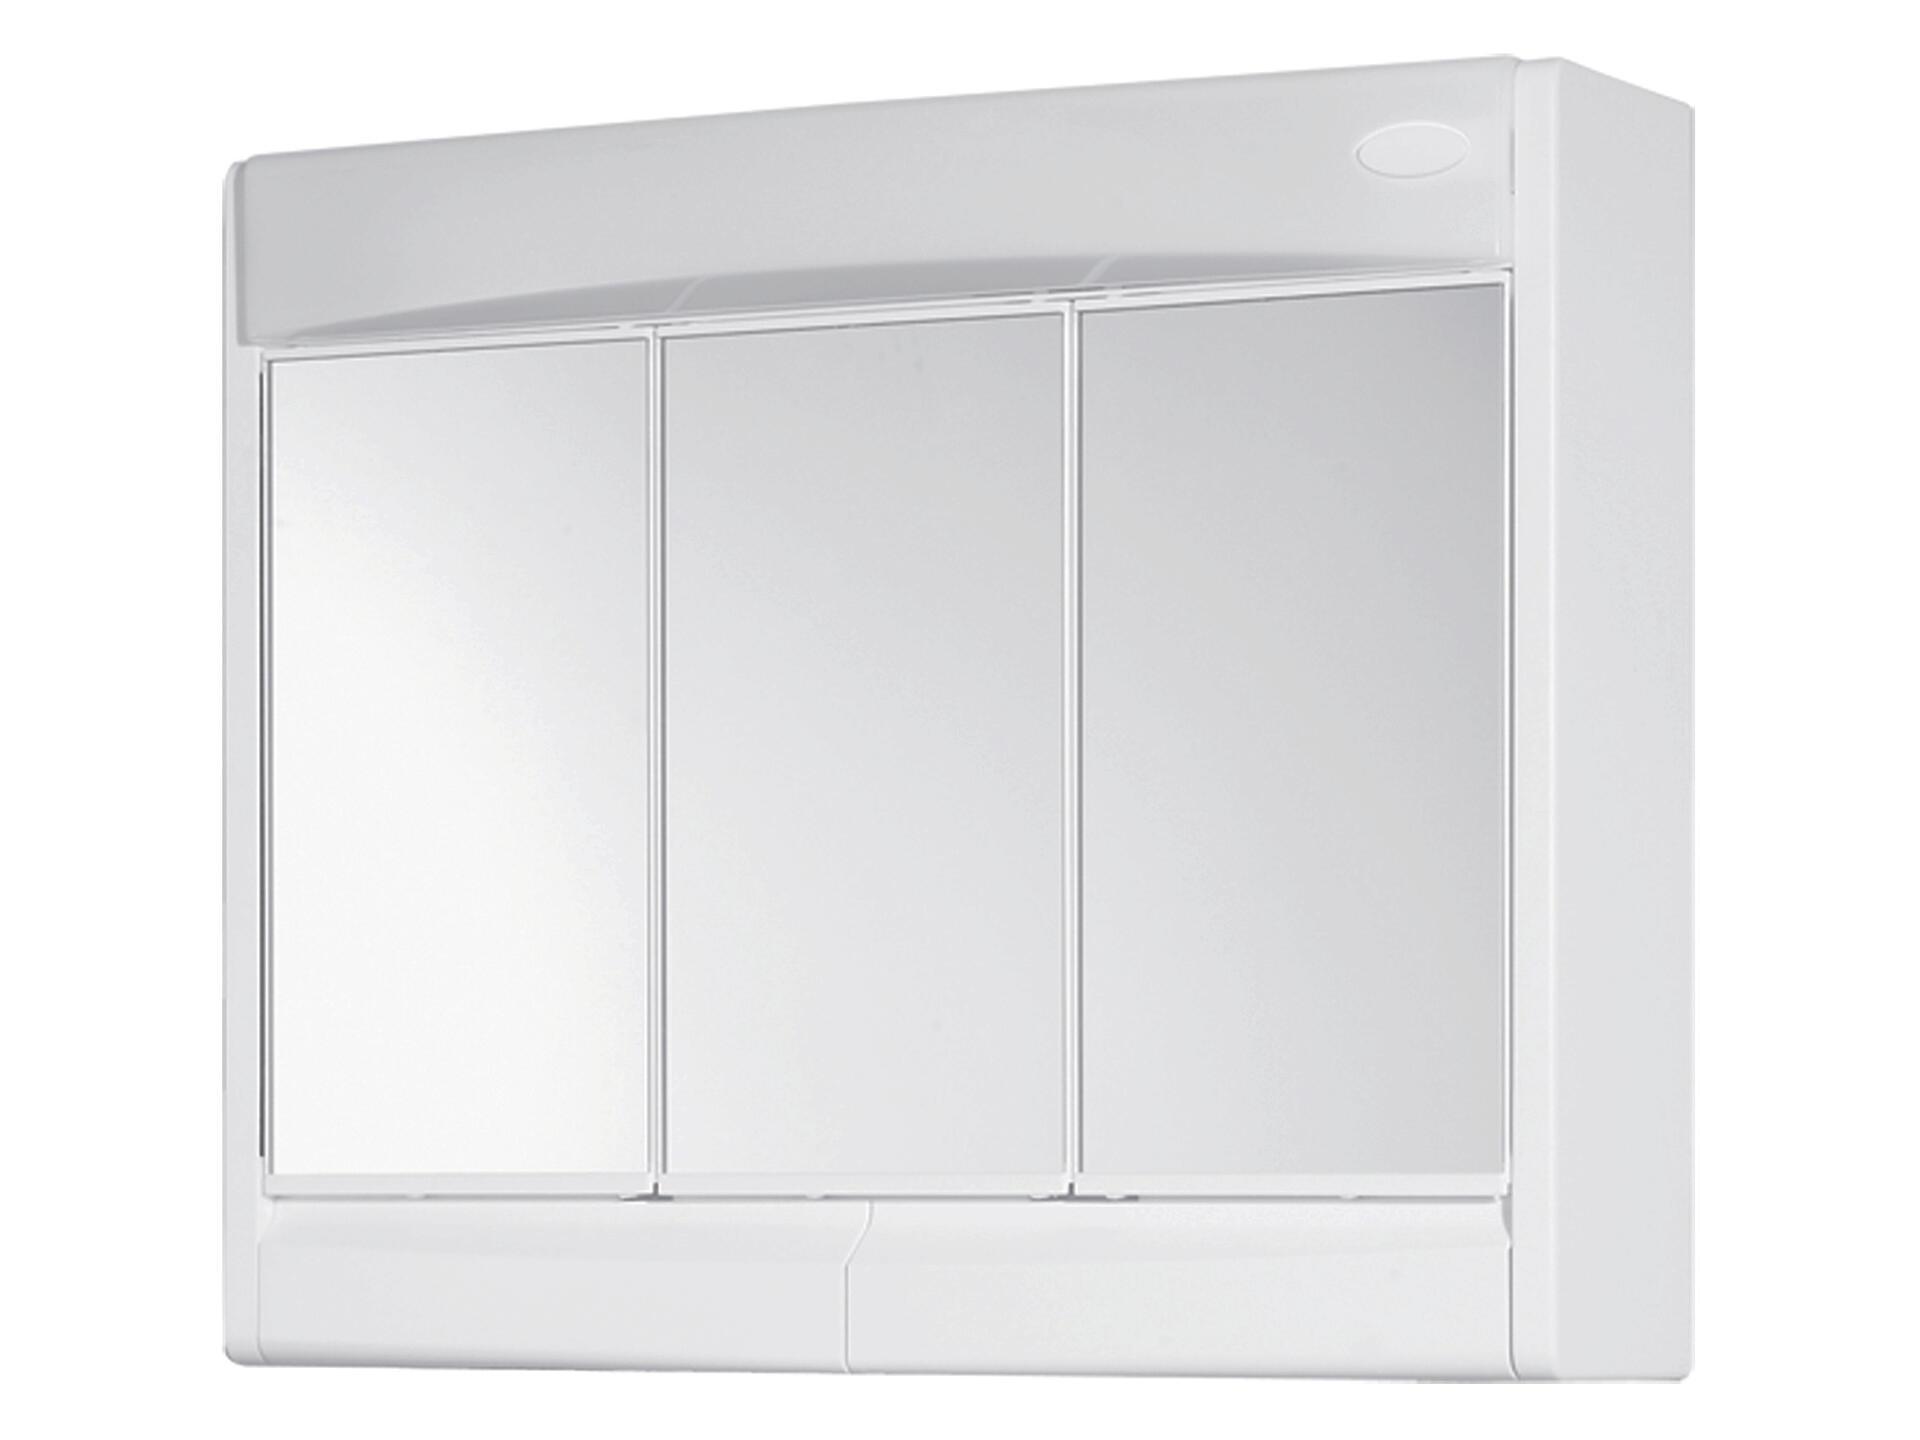 Hauteur Armoire De Toilette jokey saphir armoire de toilette 60cm 3 portes miroir blanc